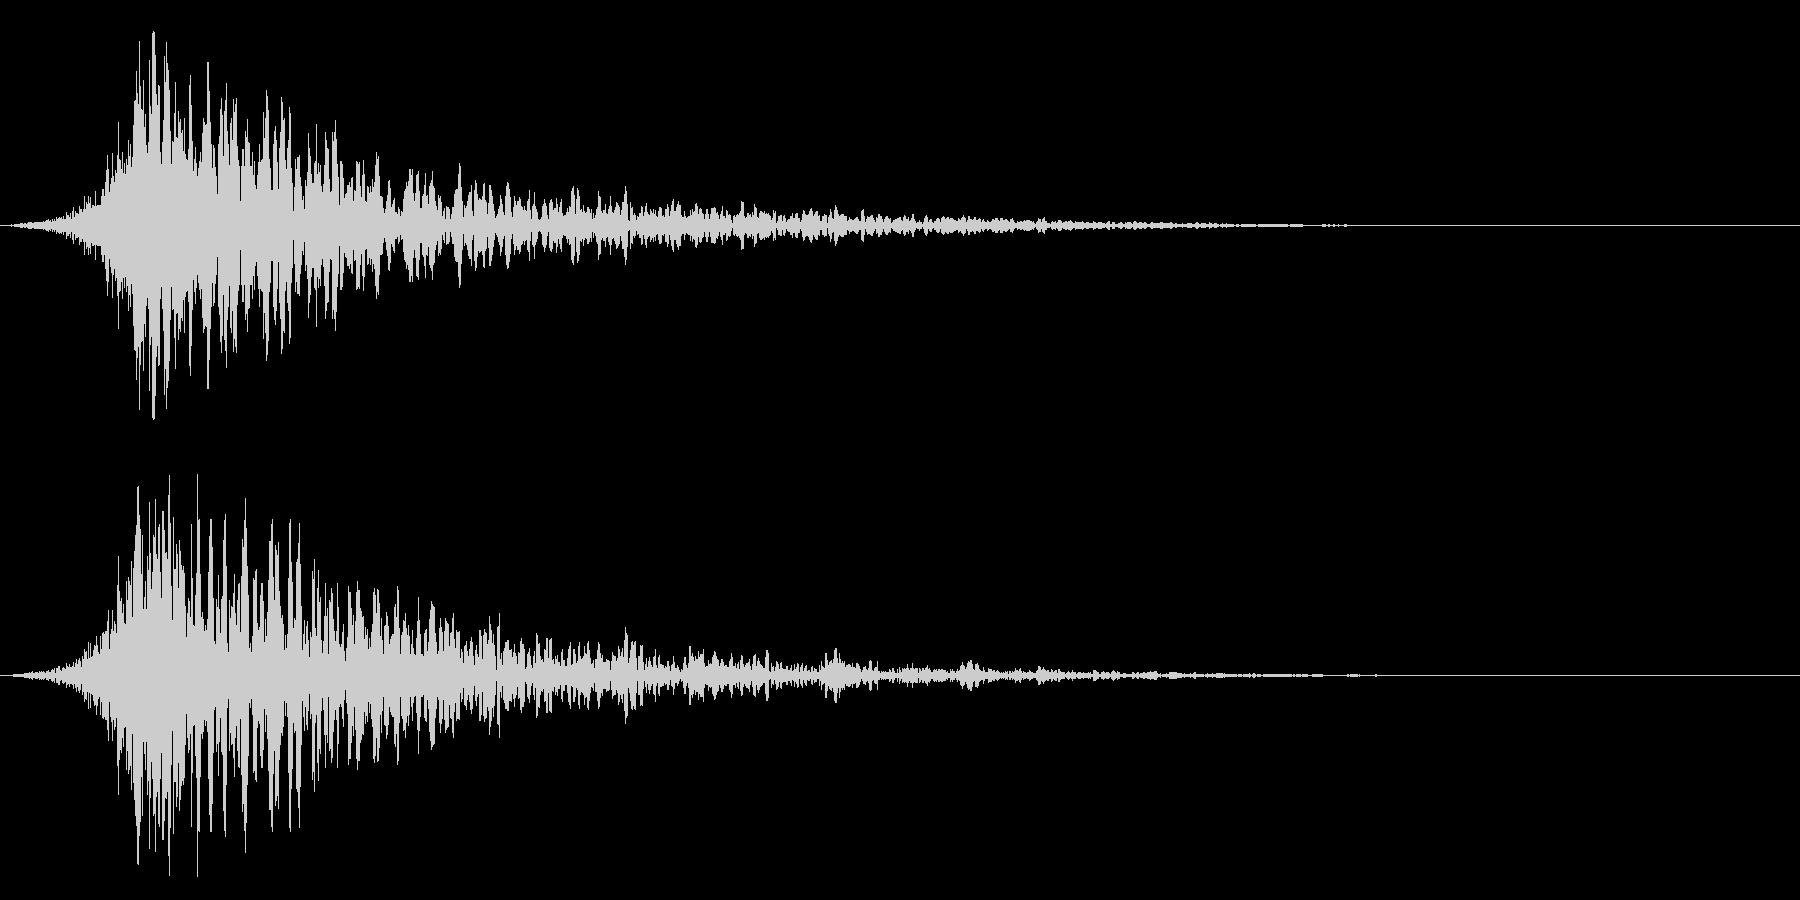 シュードーン-42-1(インパクト音)の未再生の波形